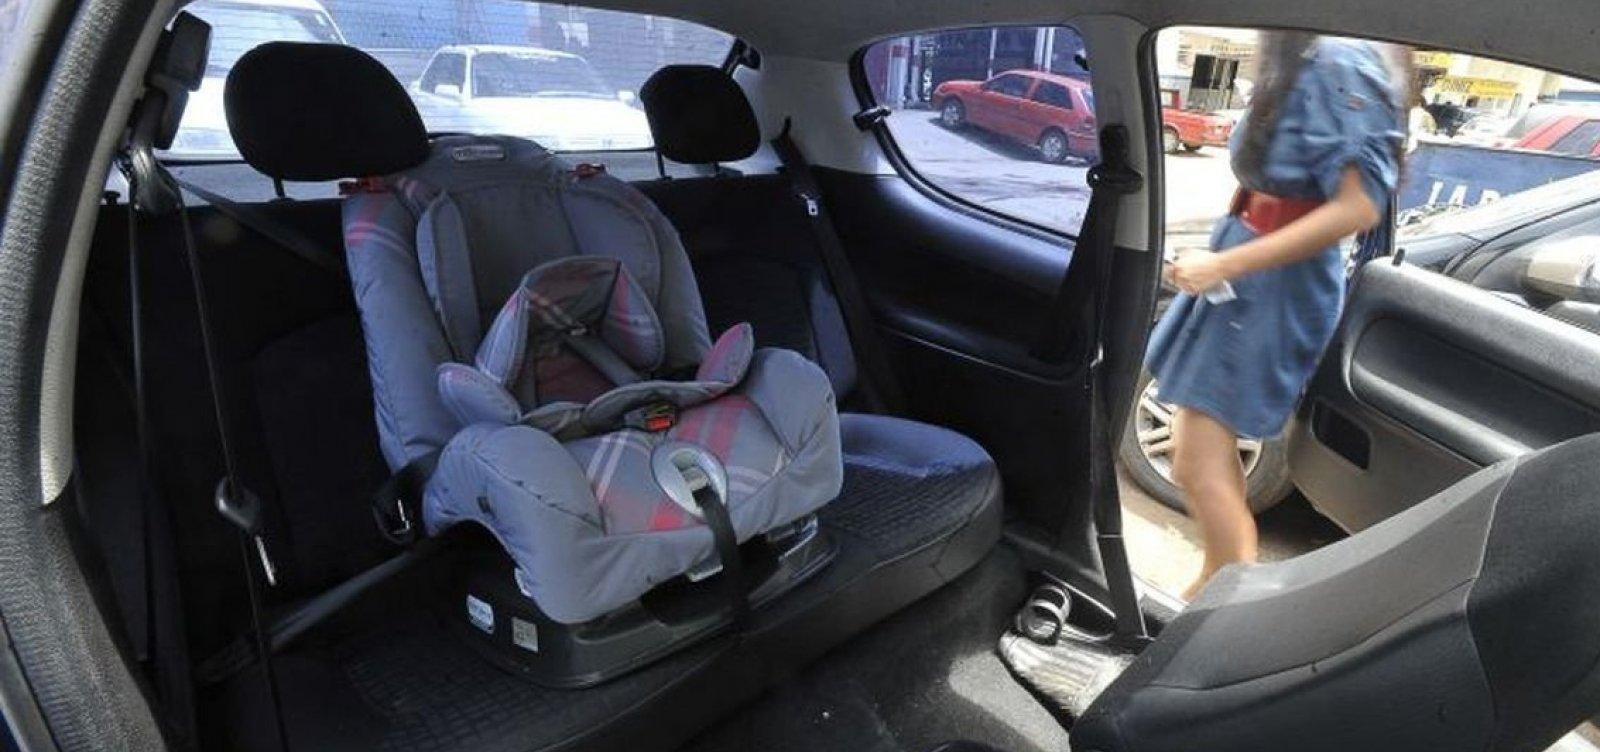 [Cartilha orienta pais sobre transporte correto de crianças em veículos]